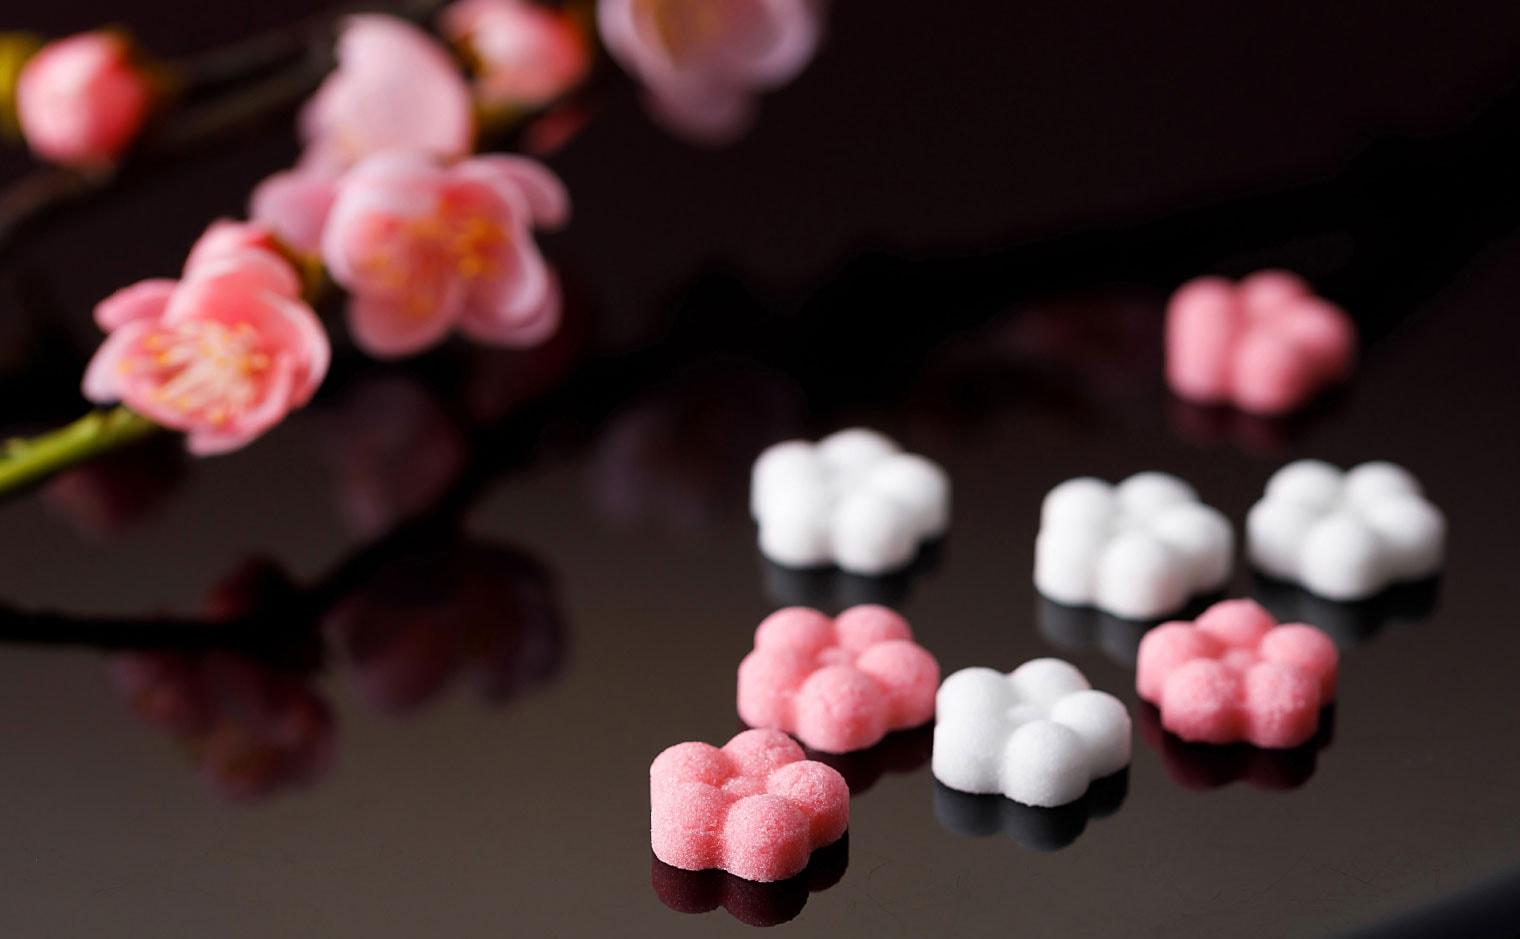 デザインシュガー,物語のある砂糖,かわいい,可愛い,角砂糖,春,日和,花